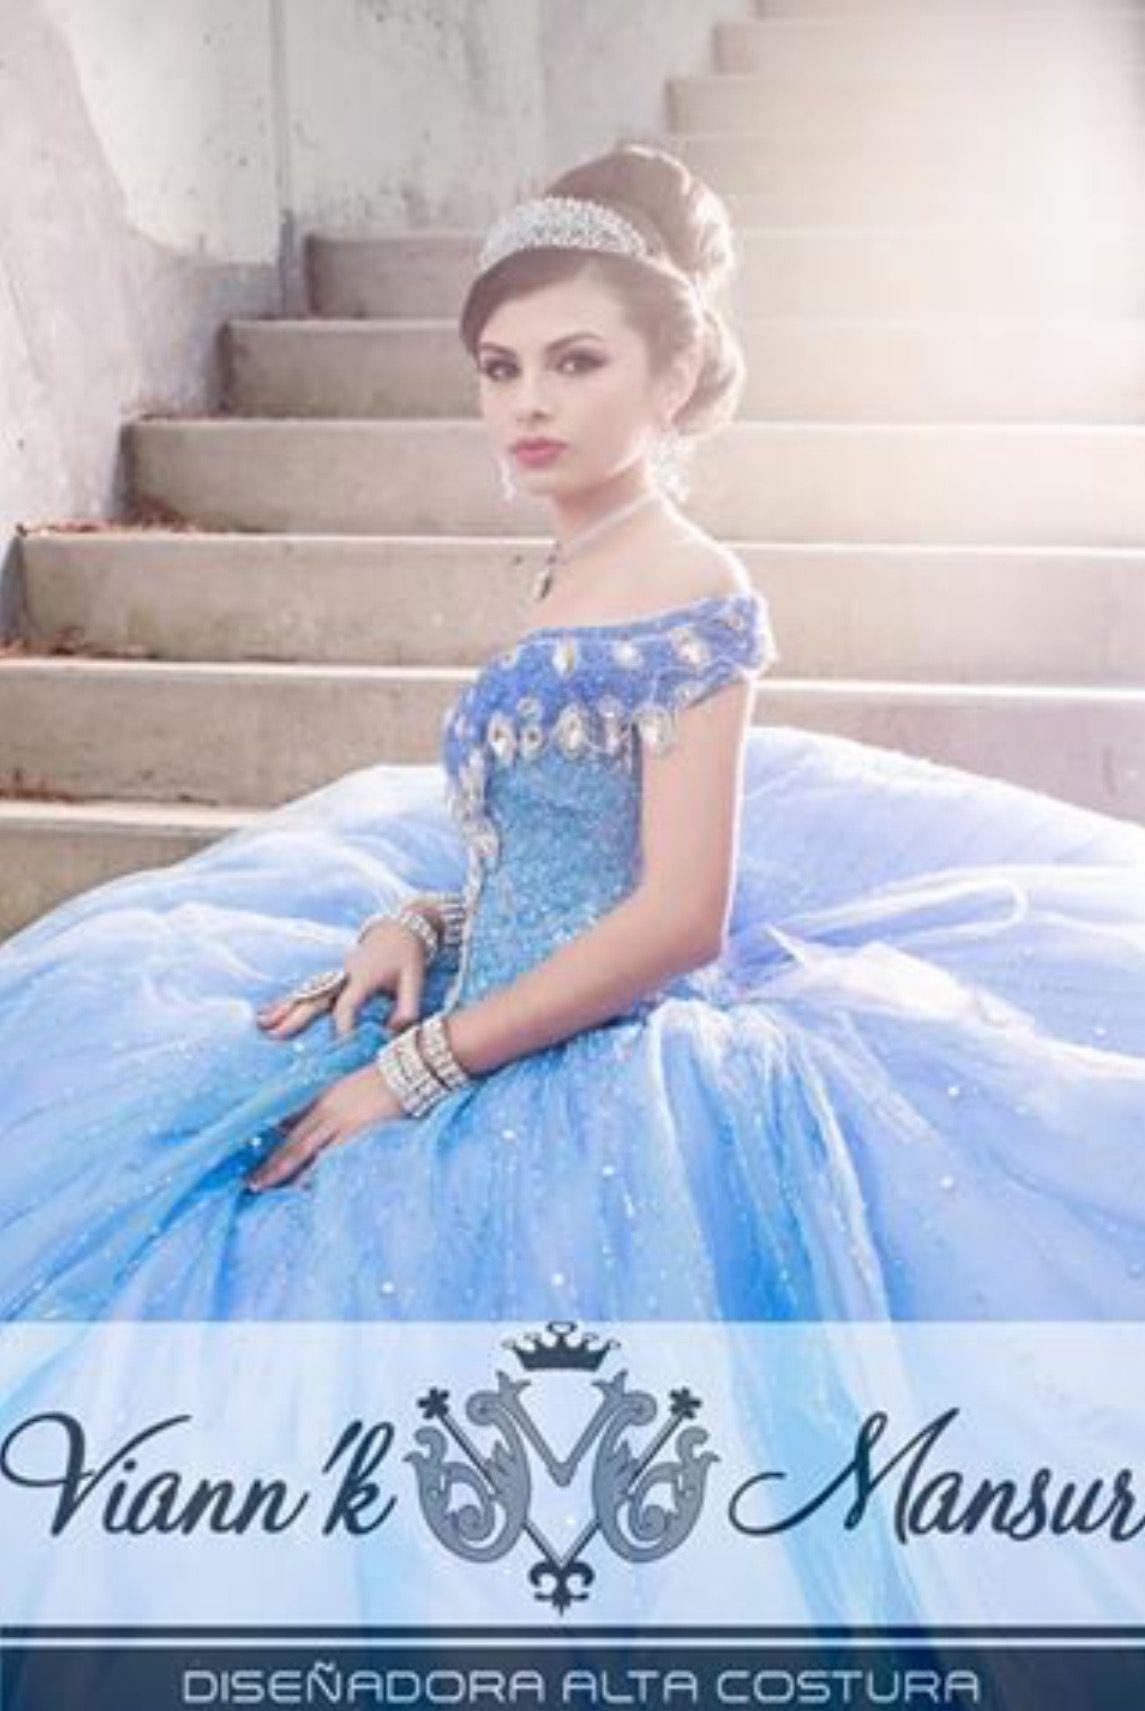 6c99295995 Viann K Mansur A Gorgeous Quinceañera Gown